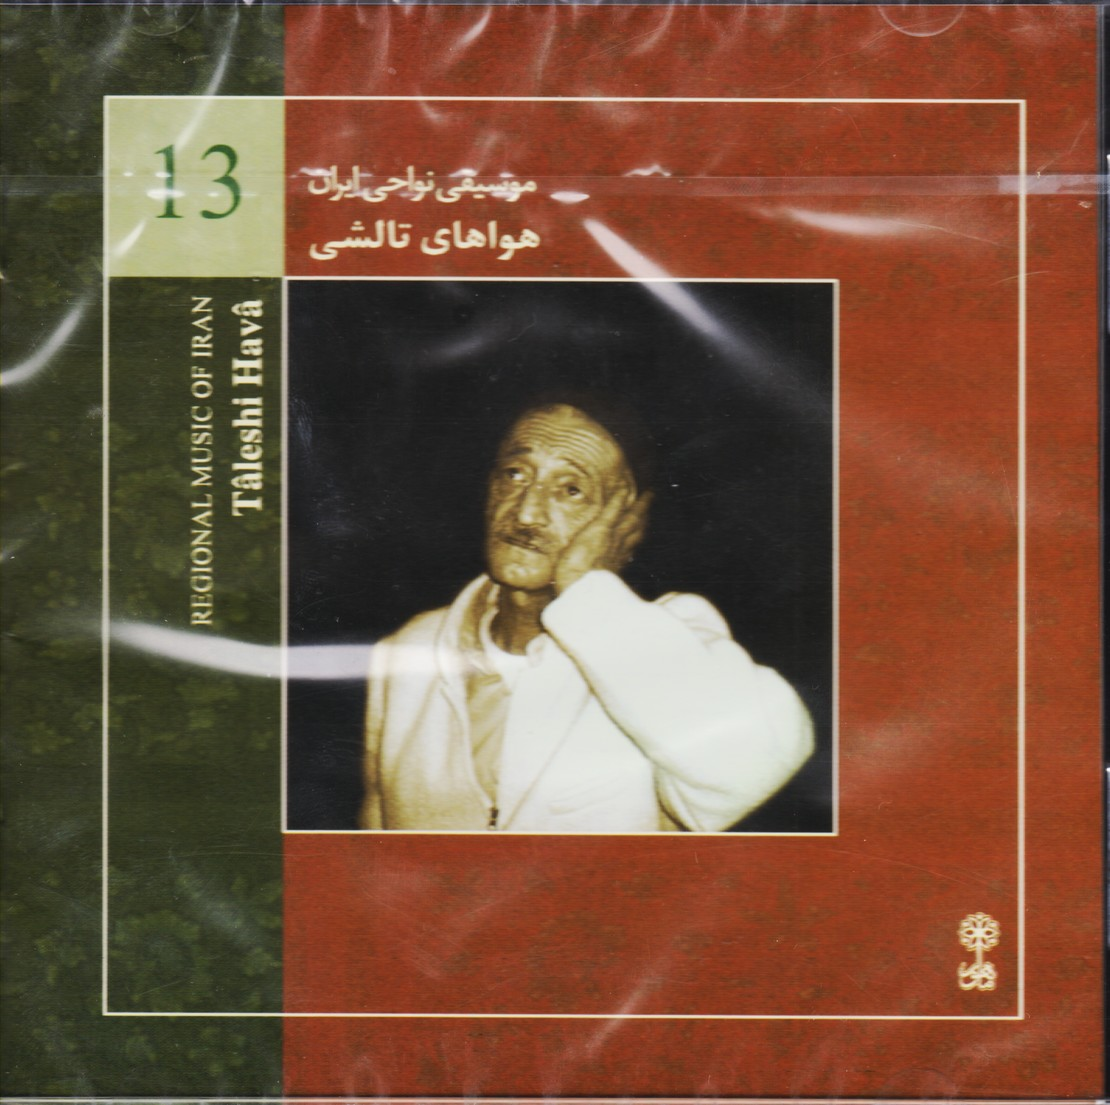 موسیقی نواحی ایران 13: هواهای تالش